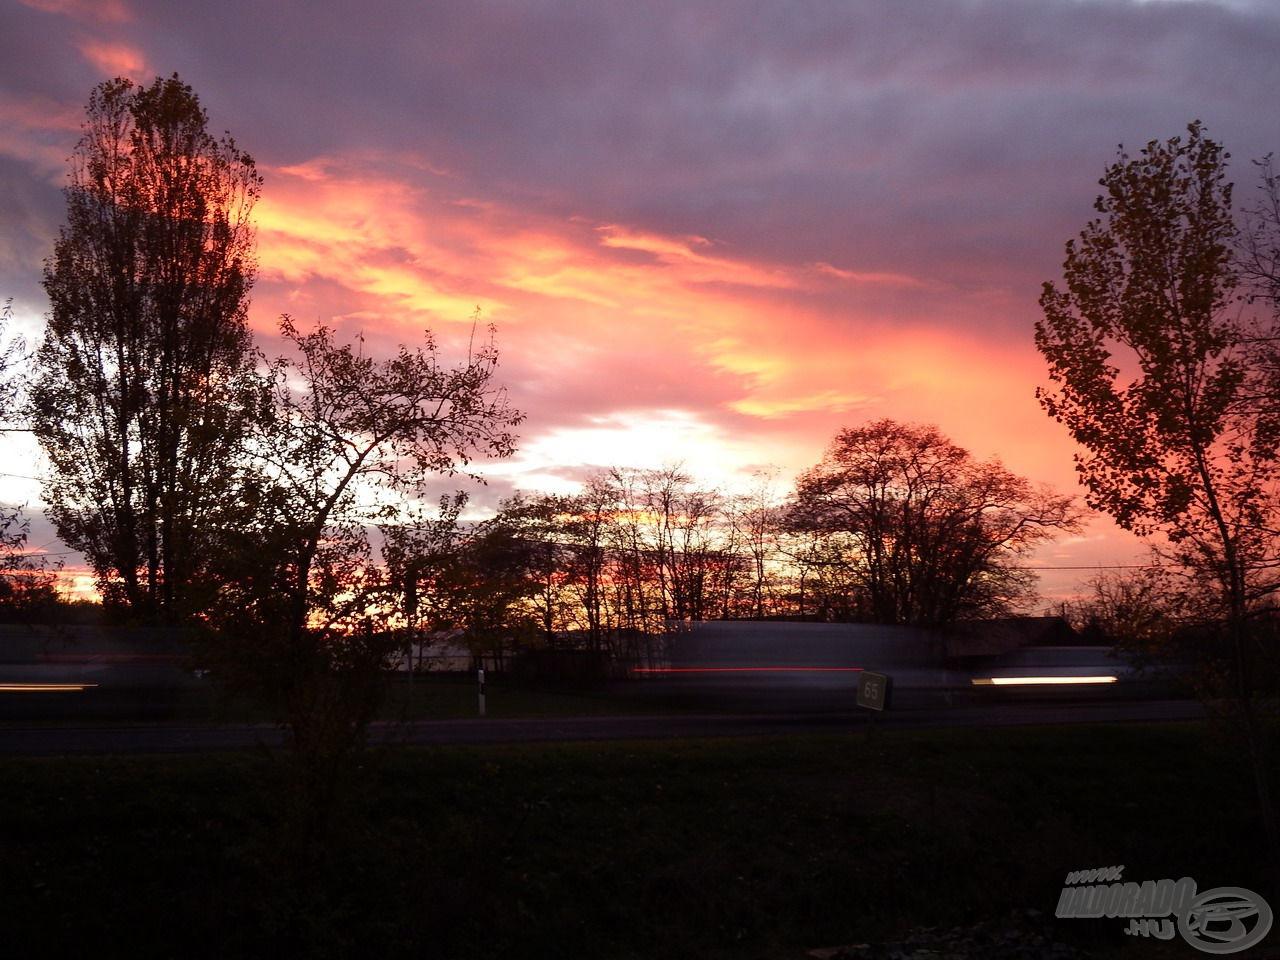 Élményekkel telve indulhattam haza a vöröslő fényekben pompázó, nyüzsgő naplementében